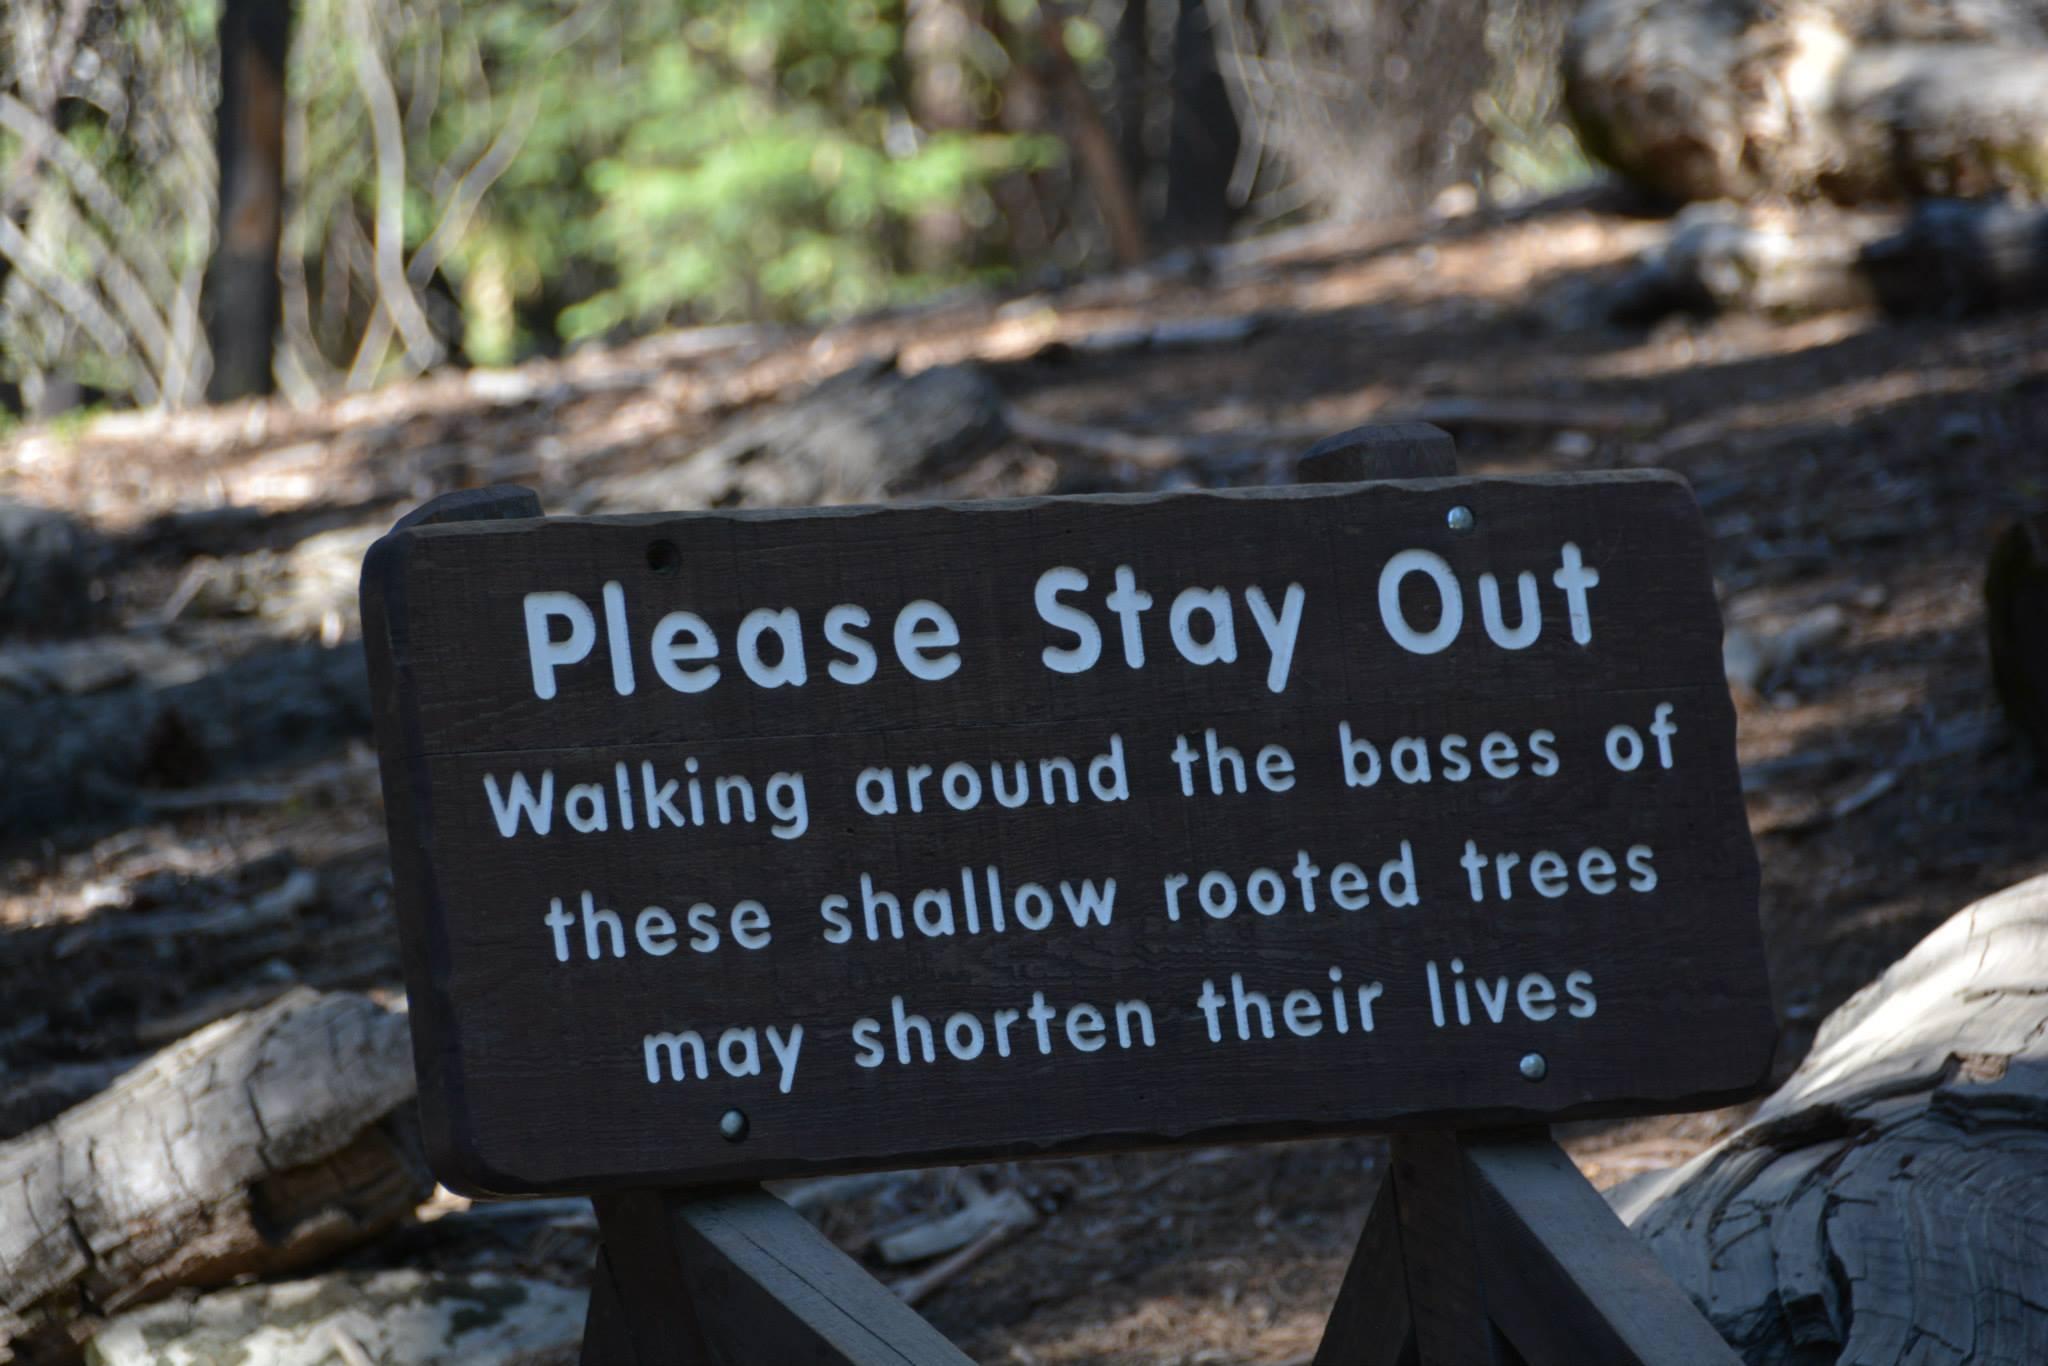 שורשים נמוכים-אסור להתקרב-שלט אזהרה